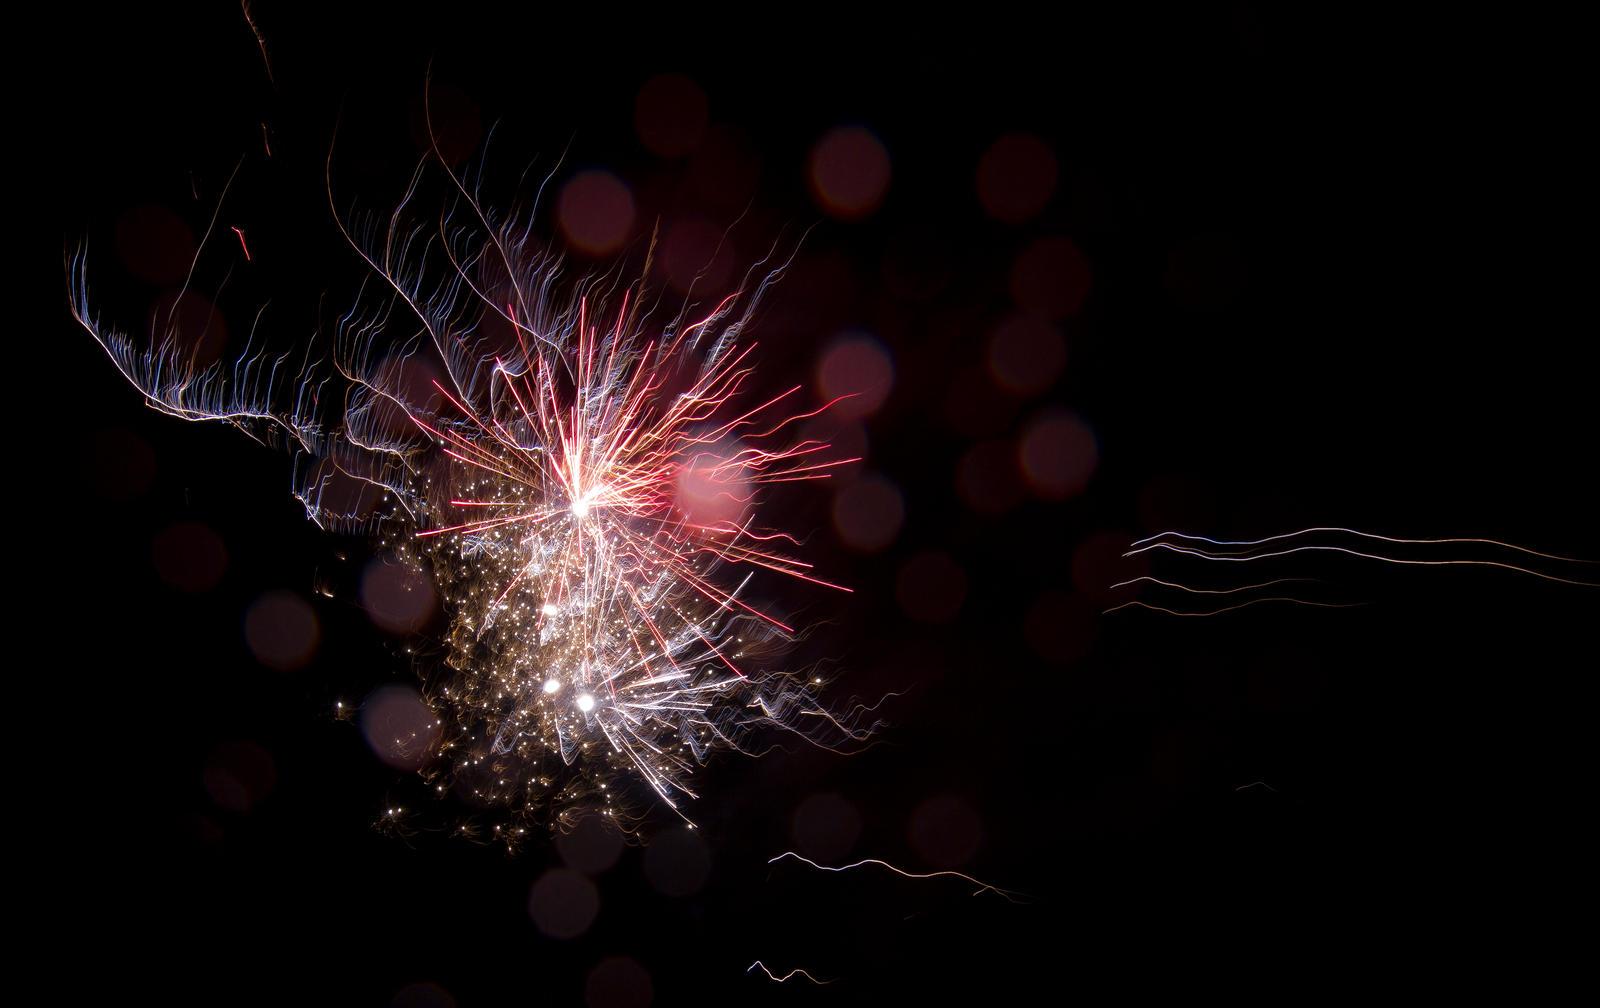 Garden fireworks by OPrwtos